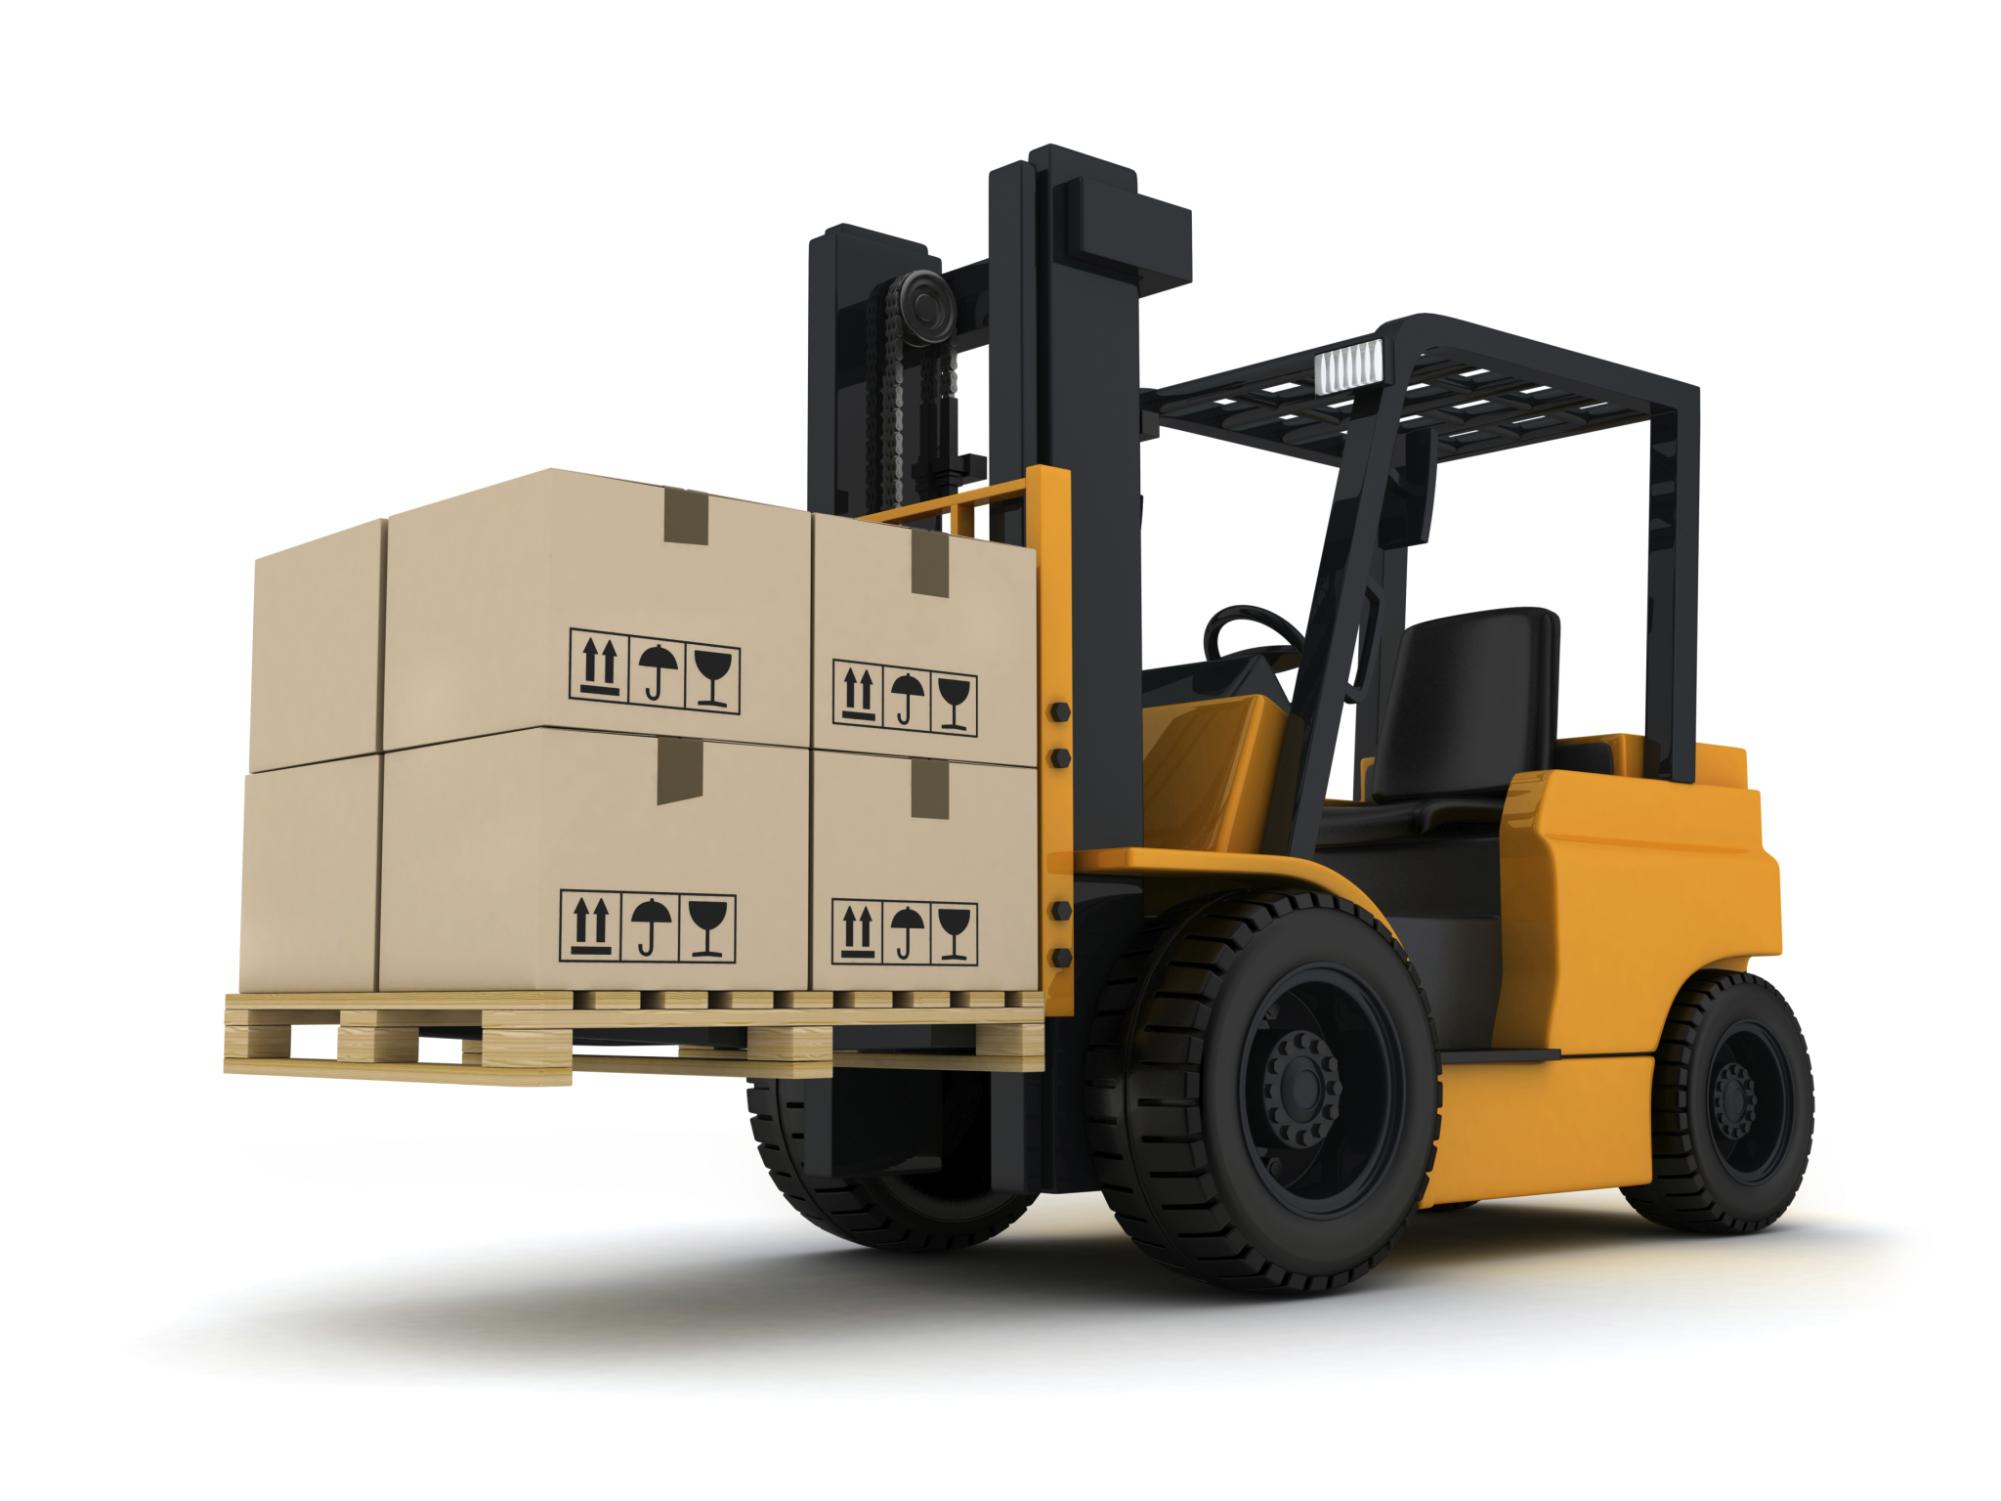 Forklift Safety R J Material Handling Part 2